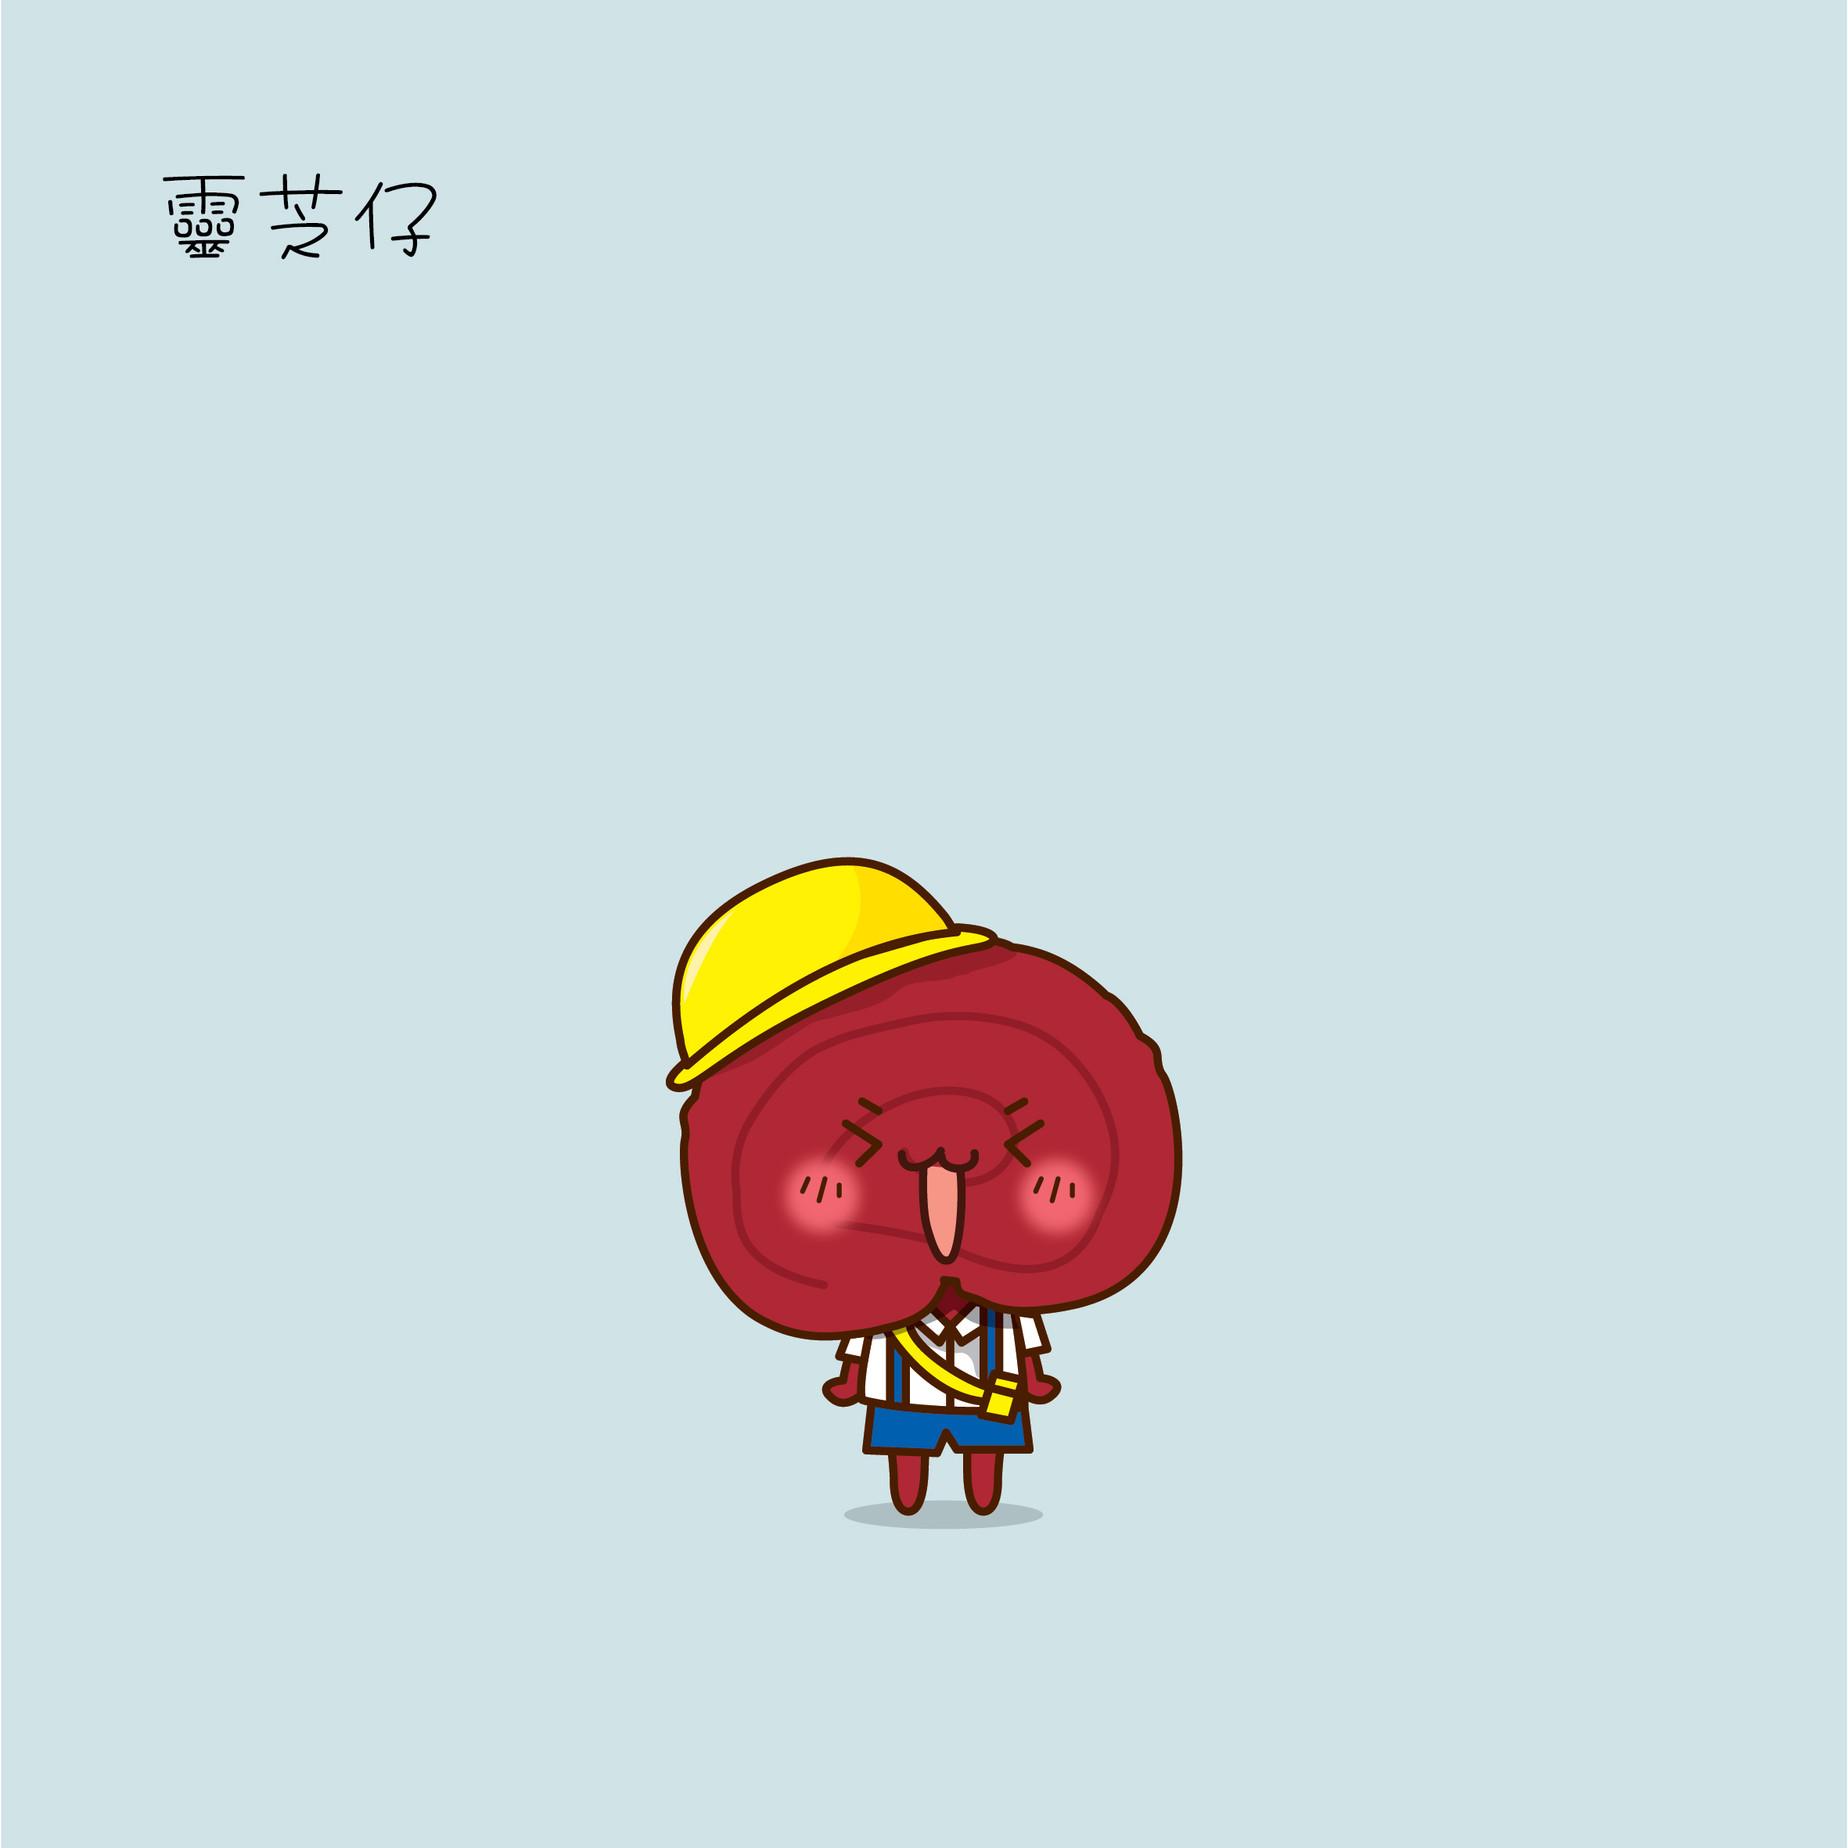 吉祥物代言人_new_style_final-10.jpg